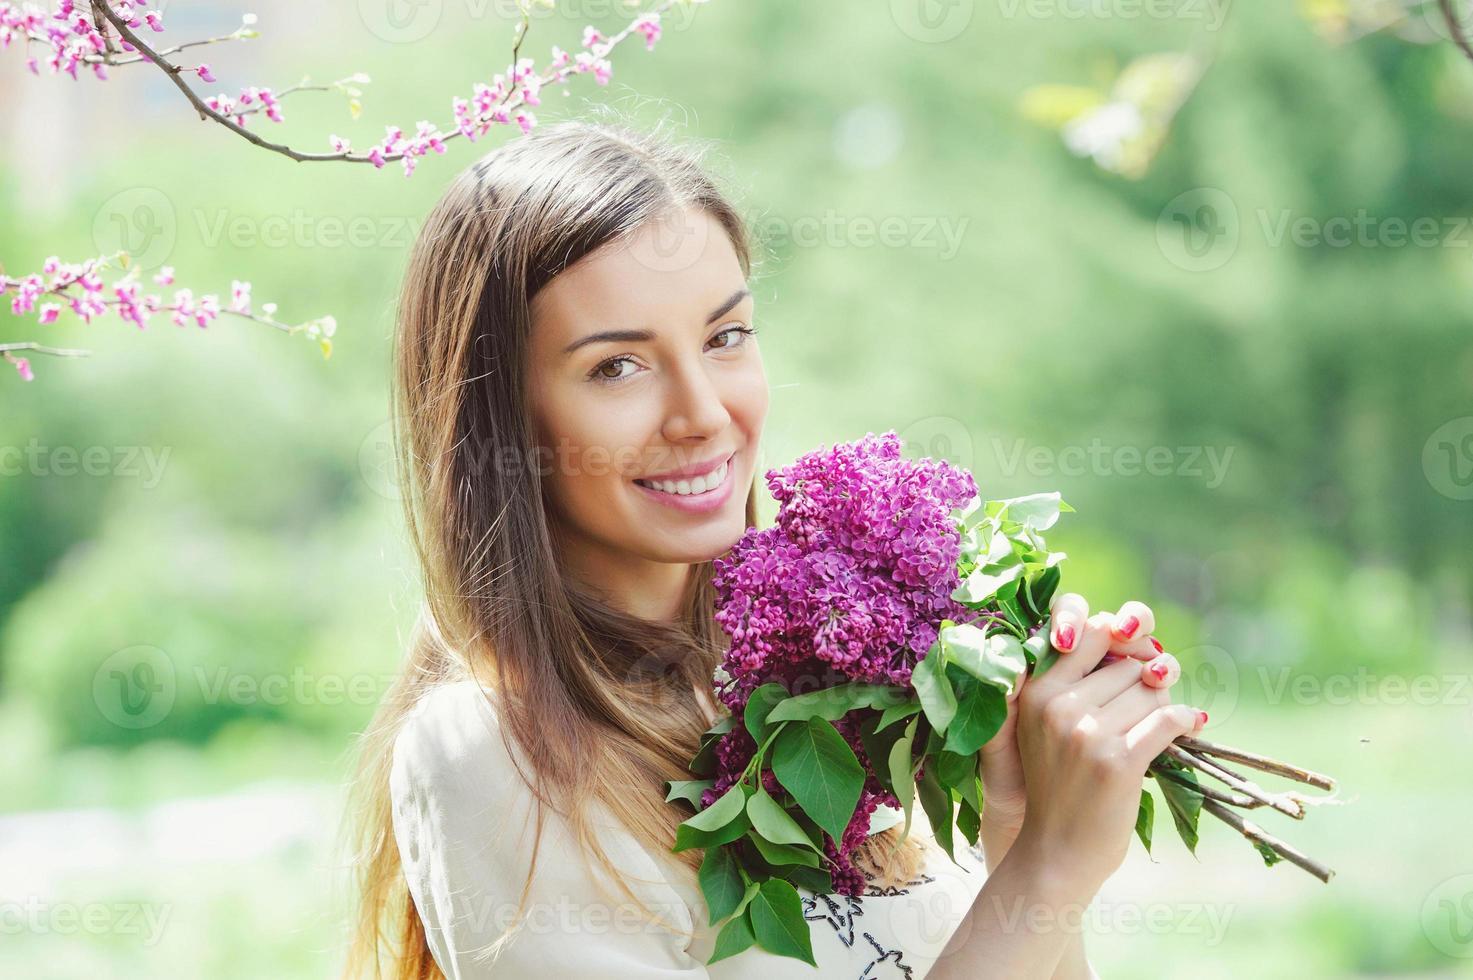 hermosa mujer joven en el jardín de primavera foto